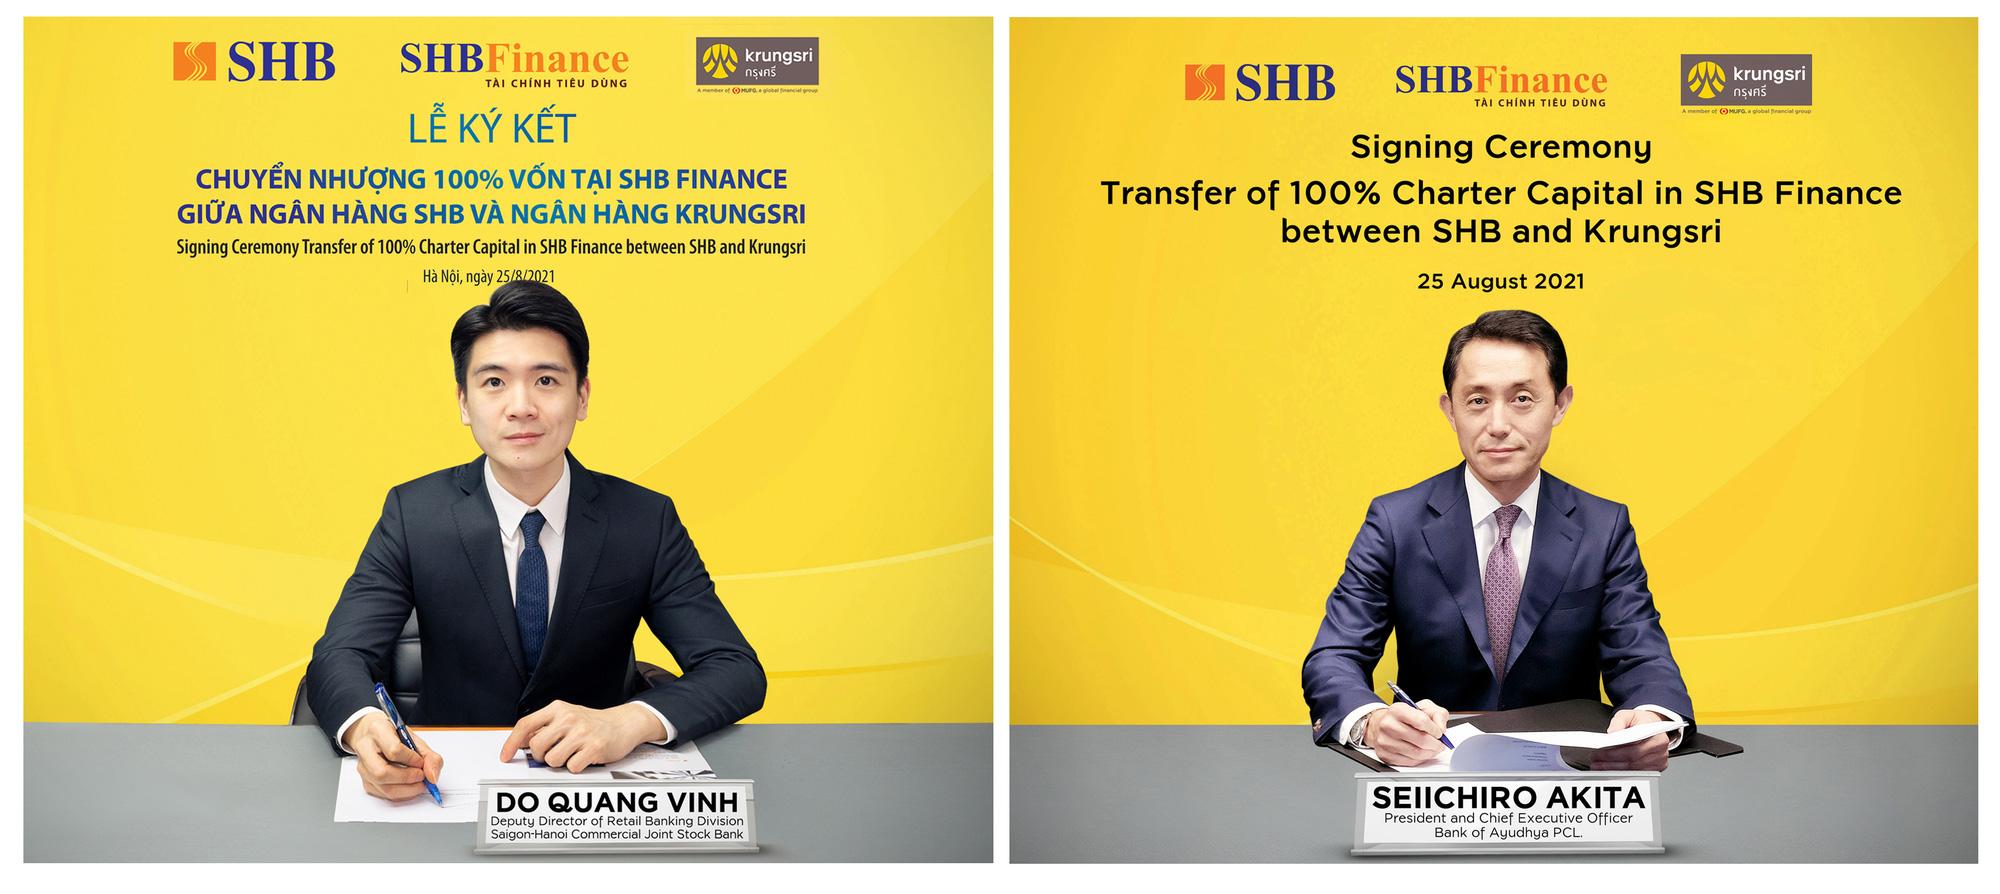 SHB chuyển nhượng 100% vốn công ty tài chính cho ngân hàng Thái Lan - Ảnh 1.